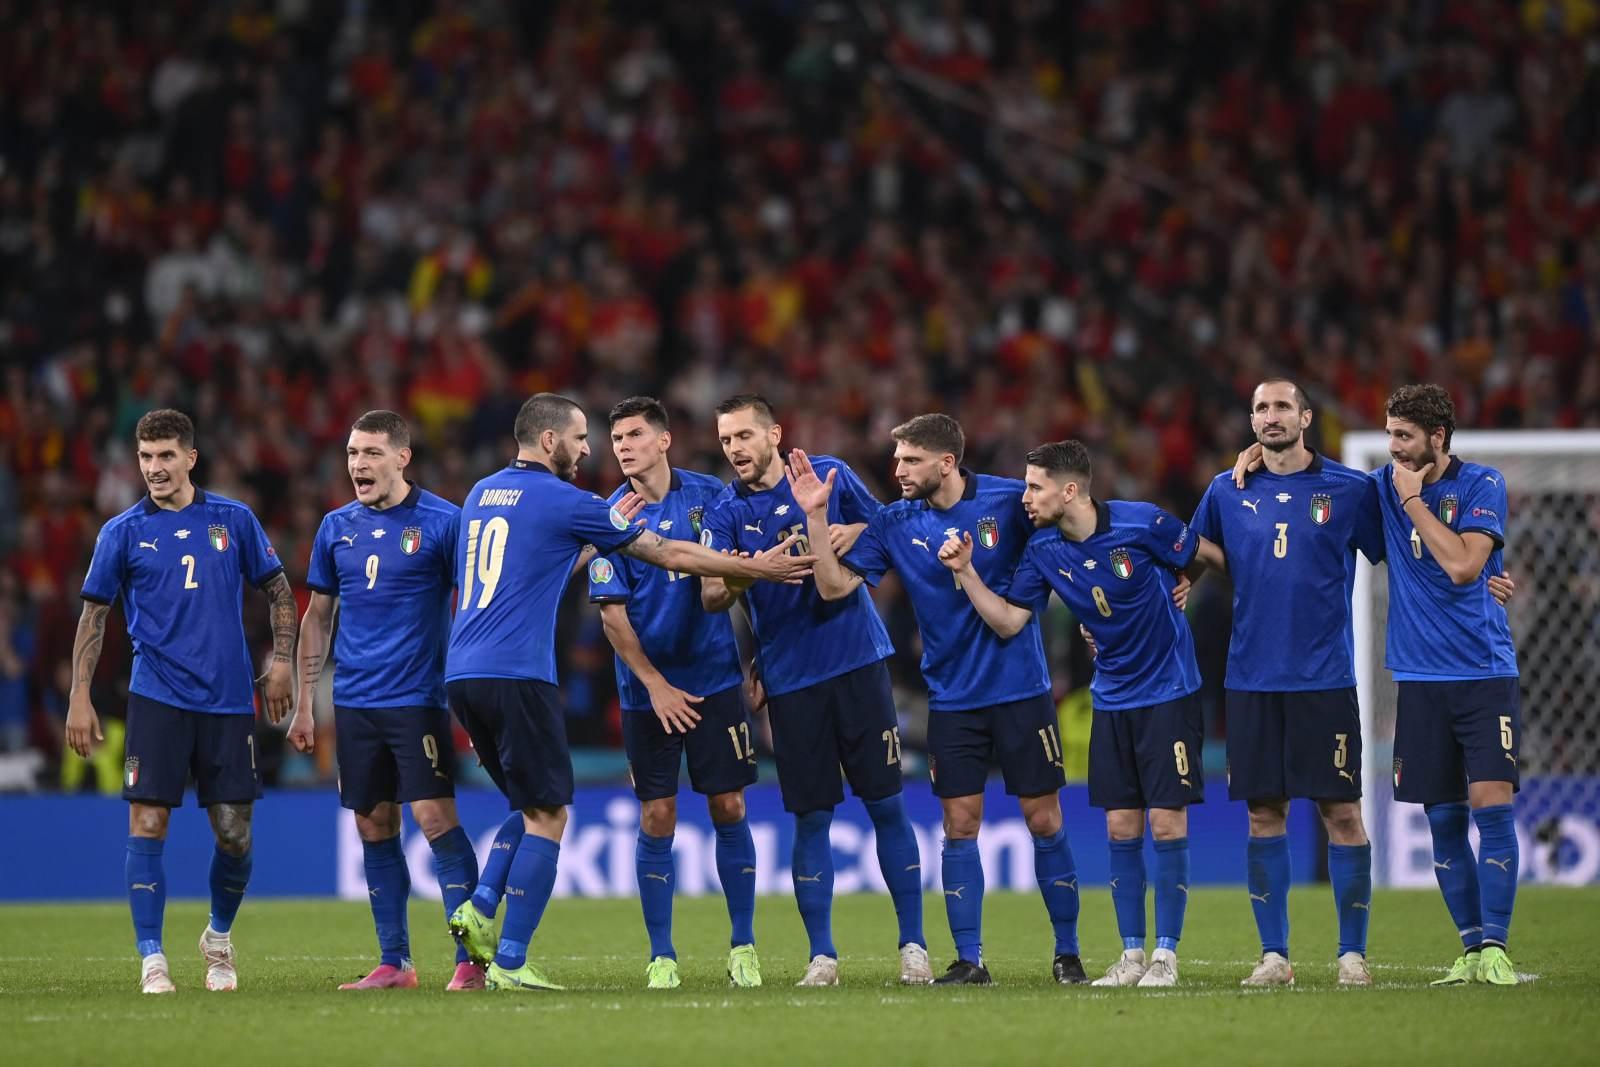 Чемпион мира - 2006 Дзамбротта: «Сейчас сборная Италии моложе и сильнее»